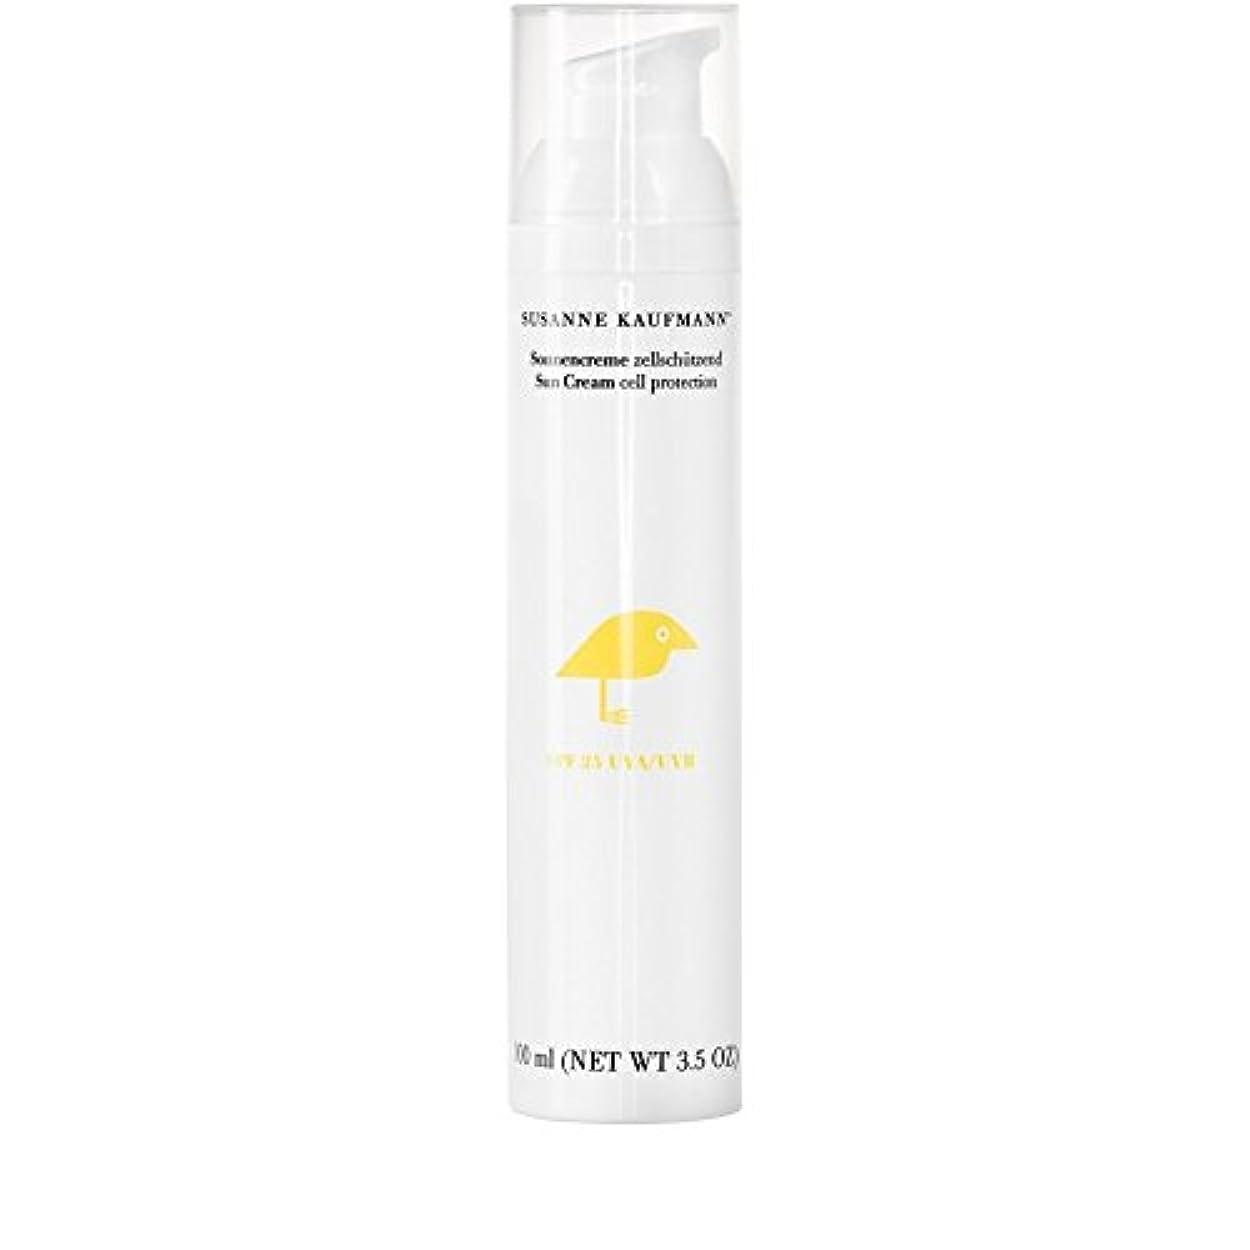 評判規模裁定Susanne Kaufmann Cell Protection Sun Cream SPF25 100ml - スザンヌカウフマン細胞保護日クリーム25の100ミリリットル [並行輸入品]